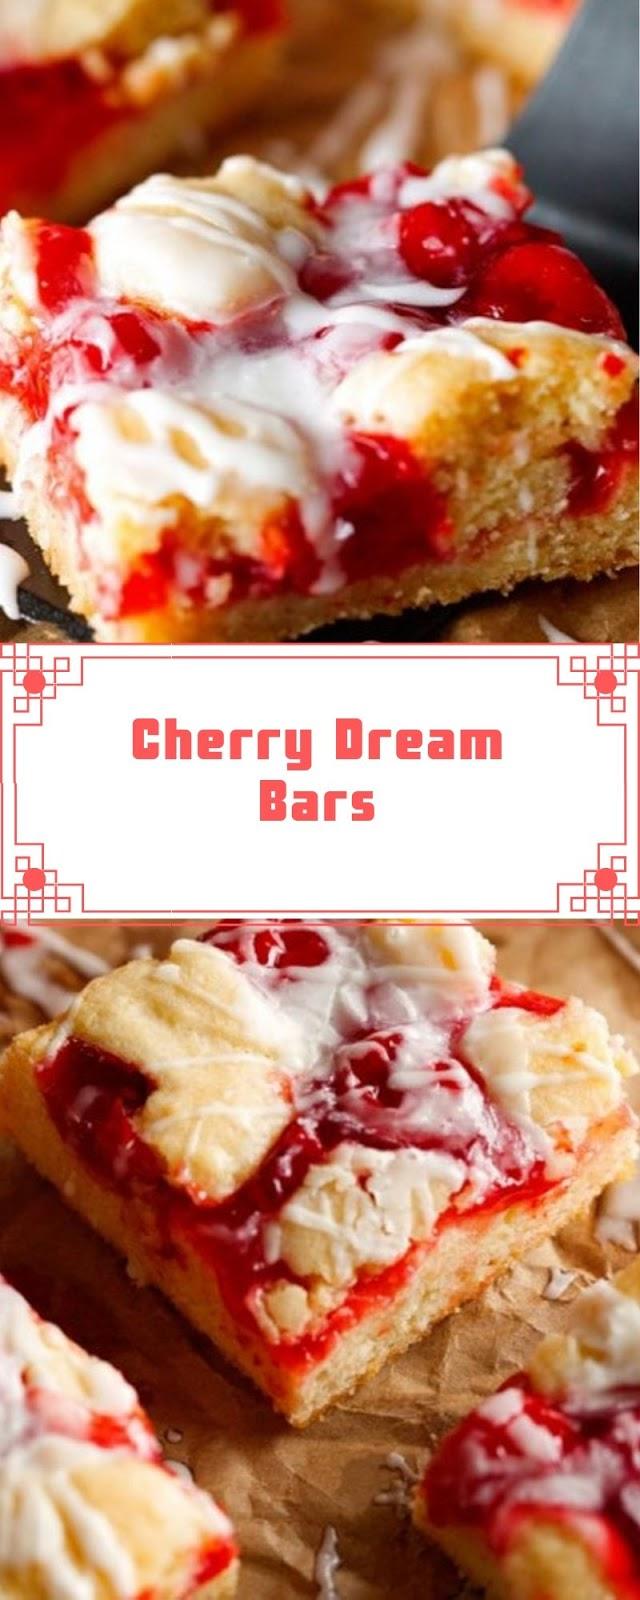 Cherry Dream Bars